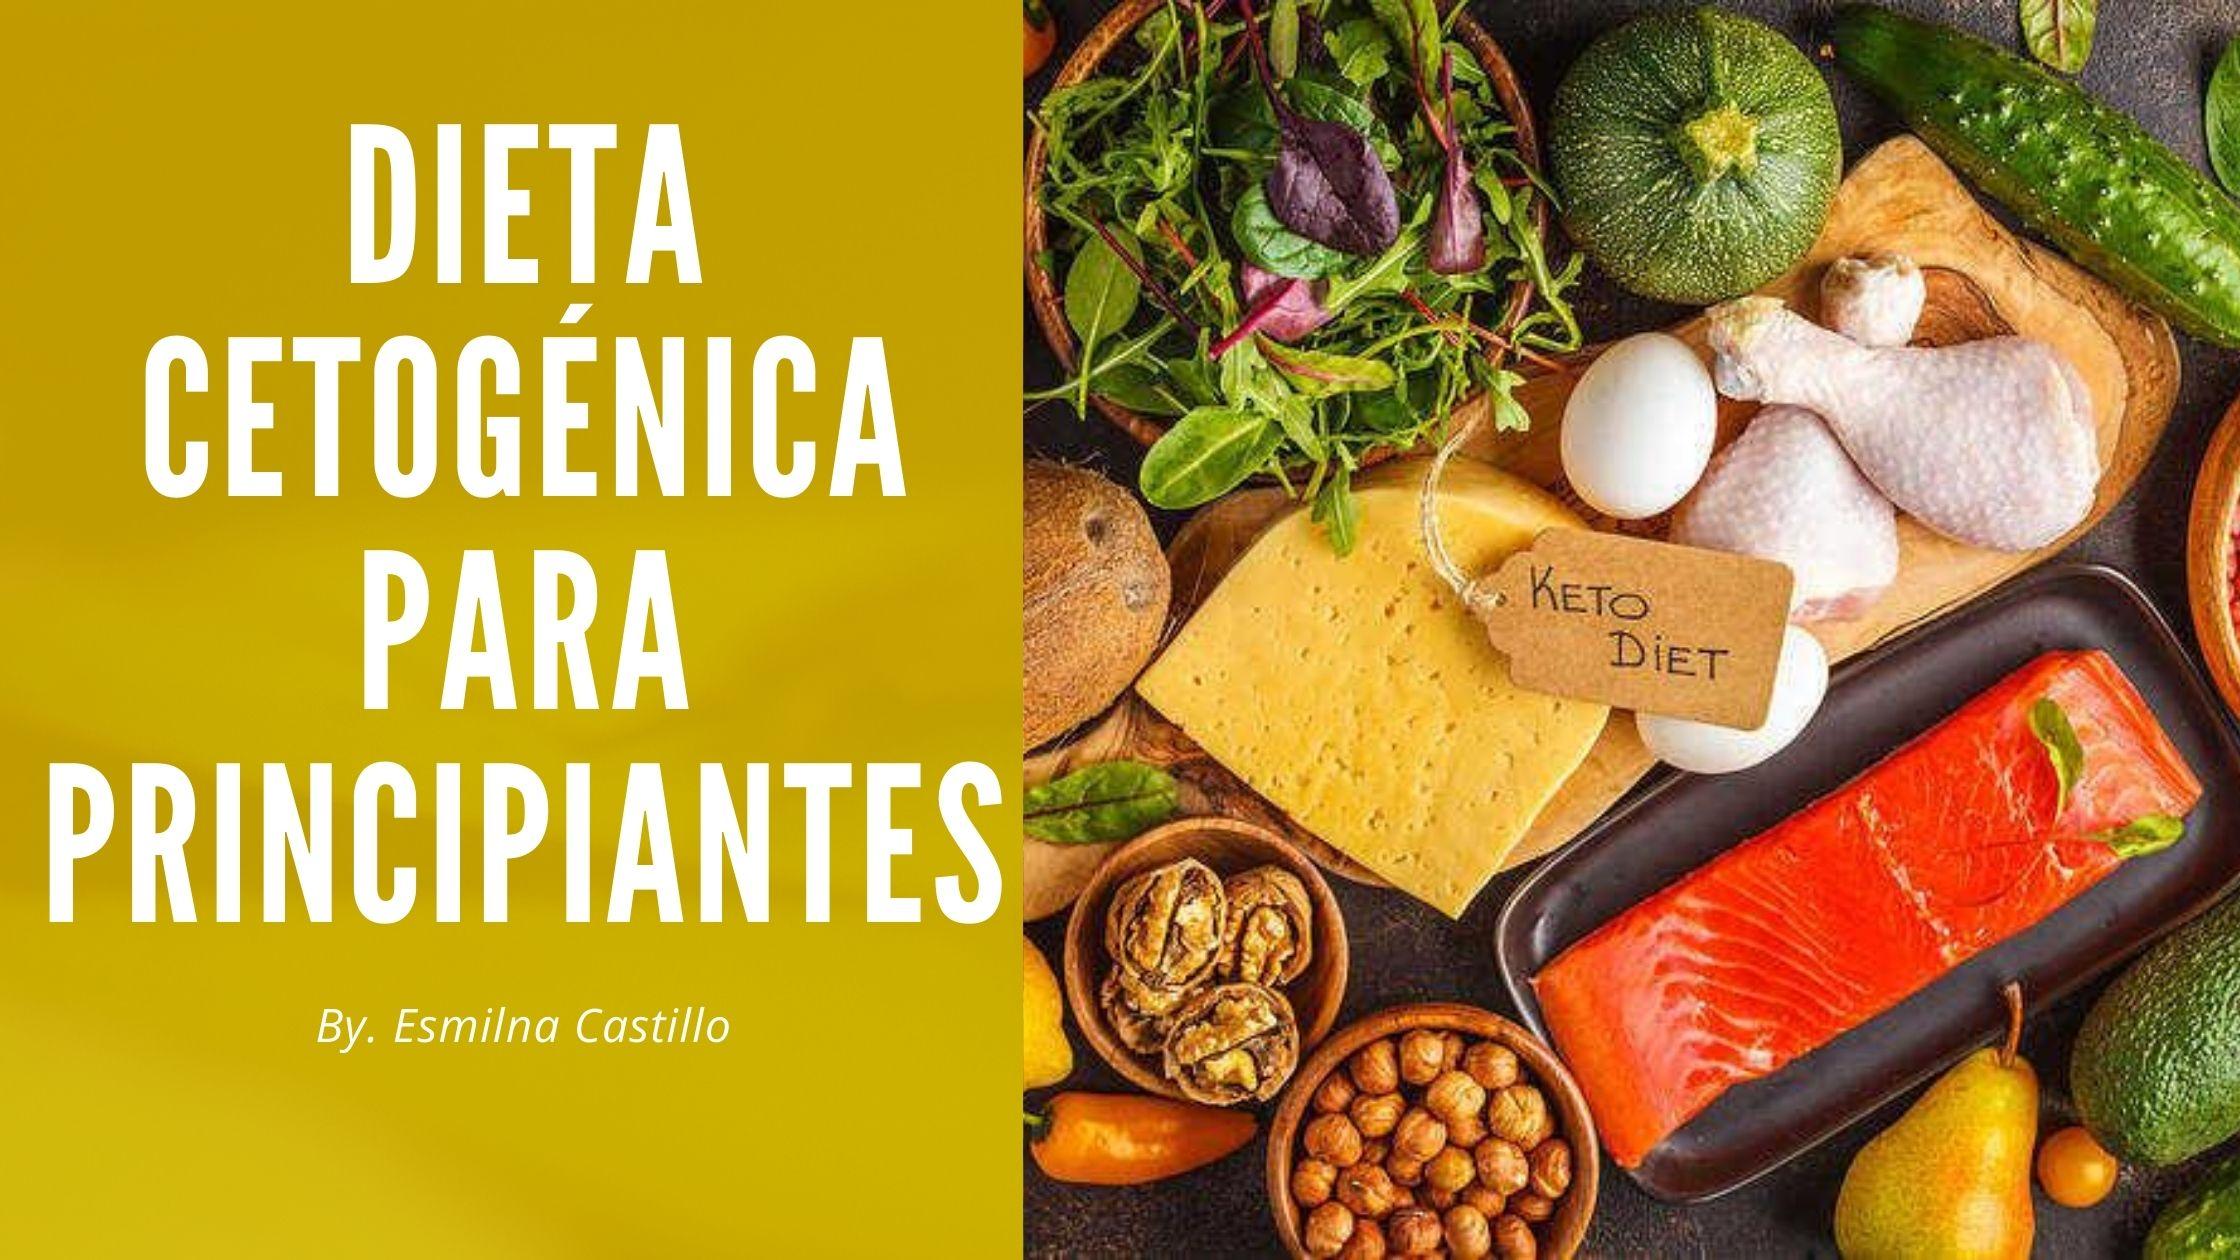 Dieta Cetogenia Para Principiantes